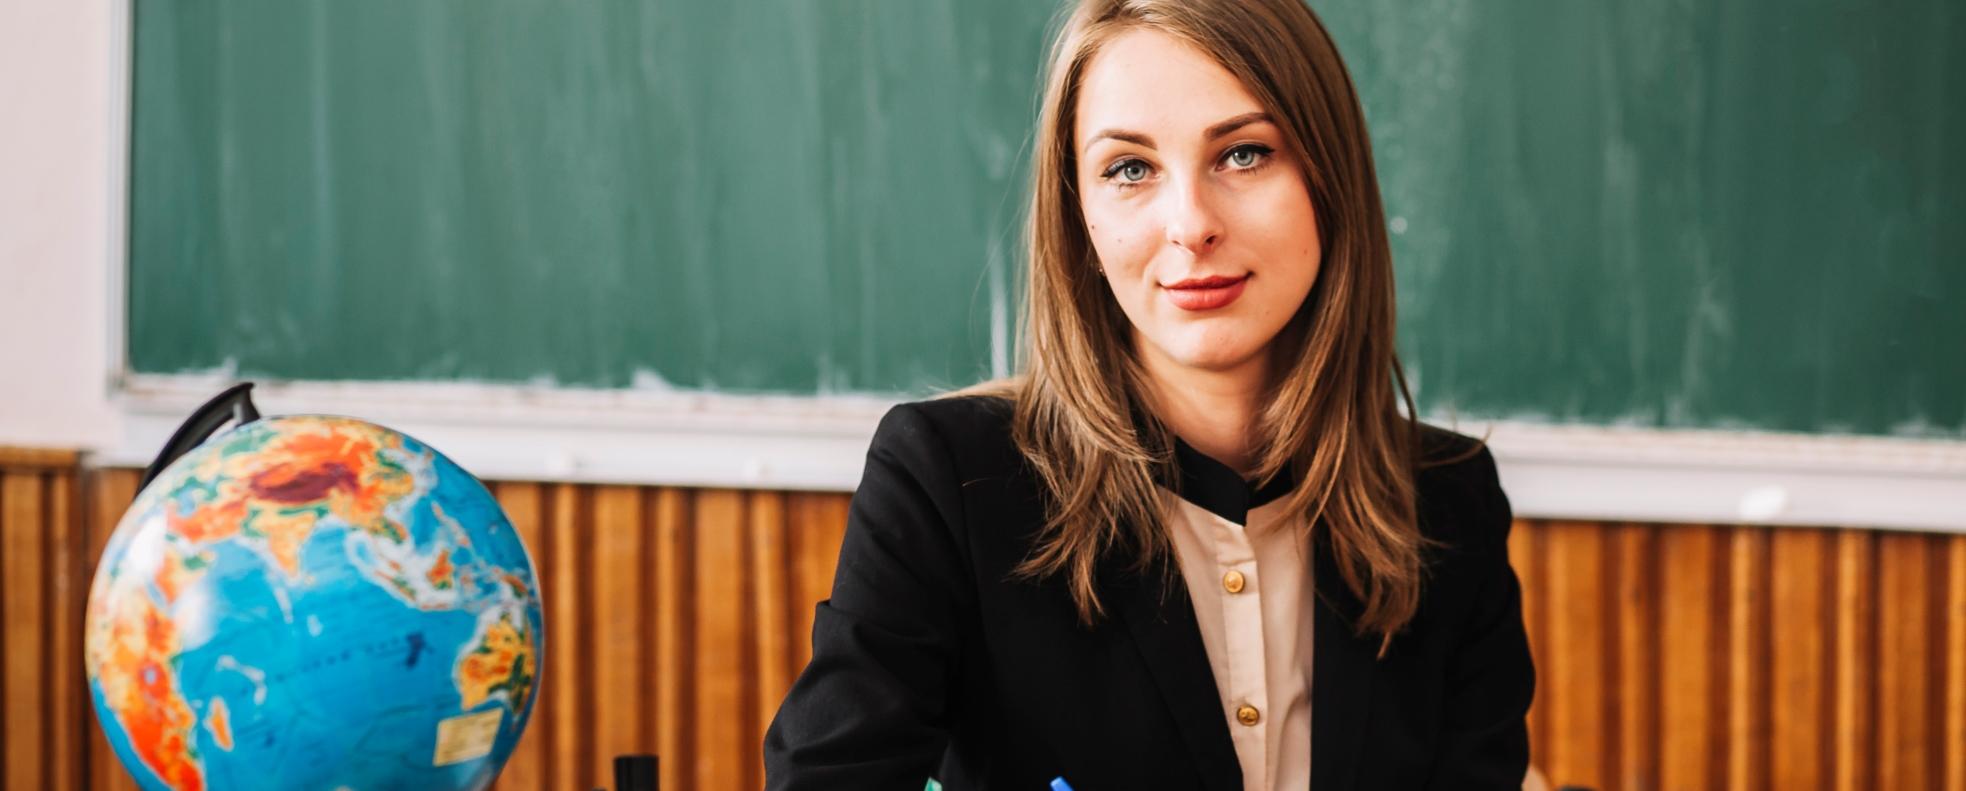 Nincs elég tanár a természettudományi tantárgyak oktatásához